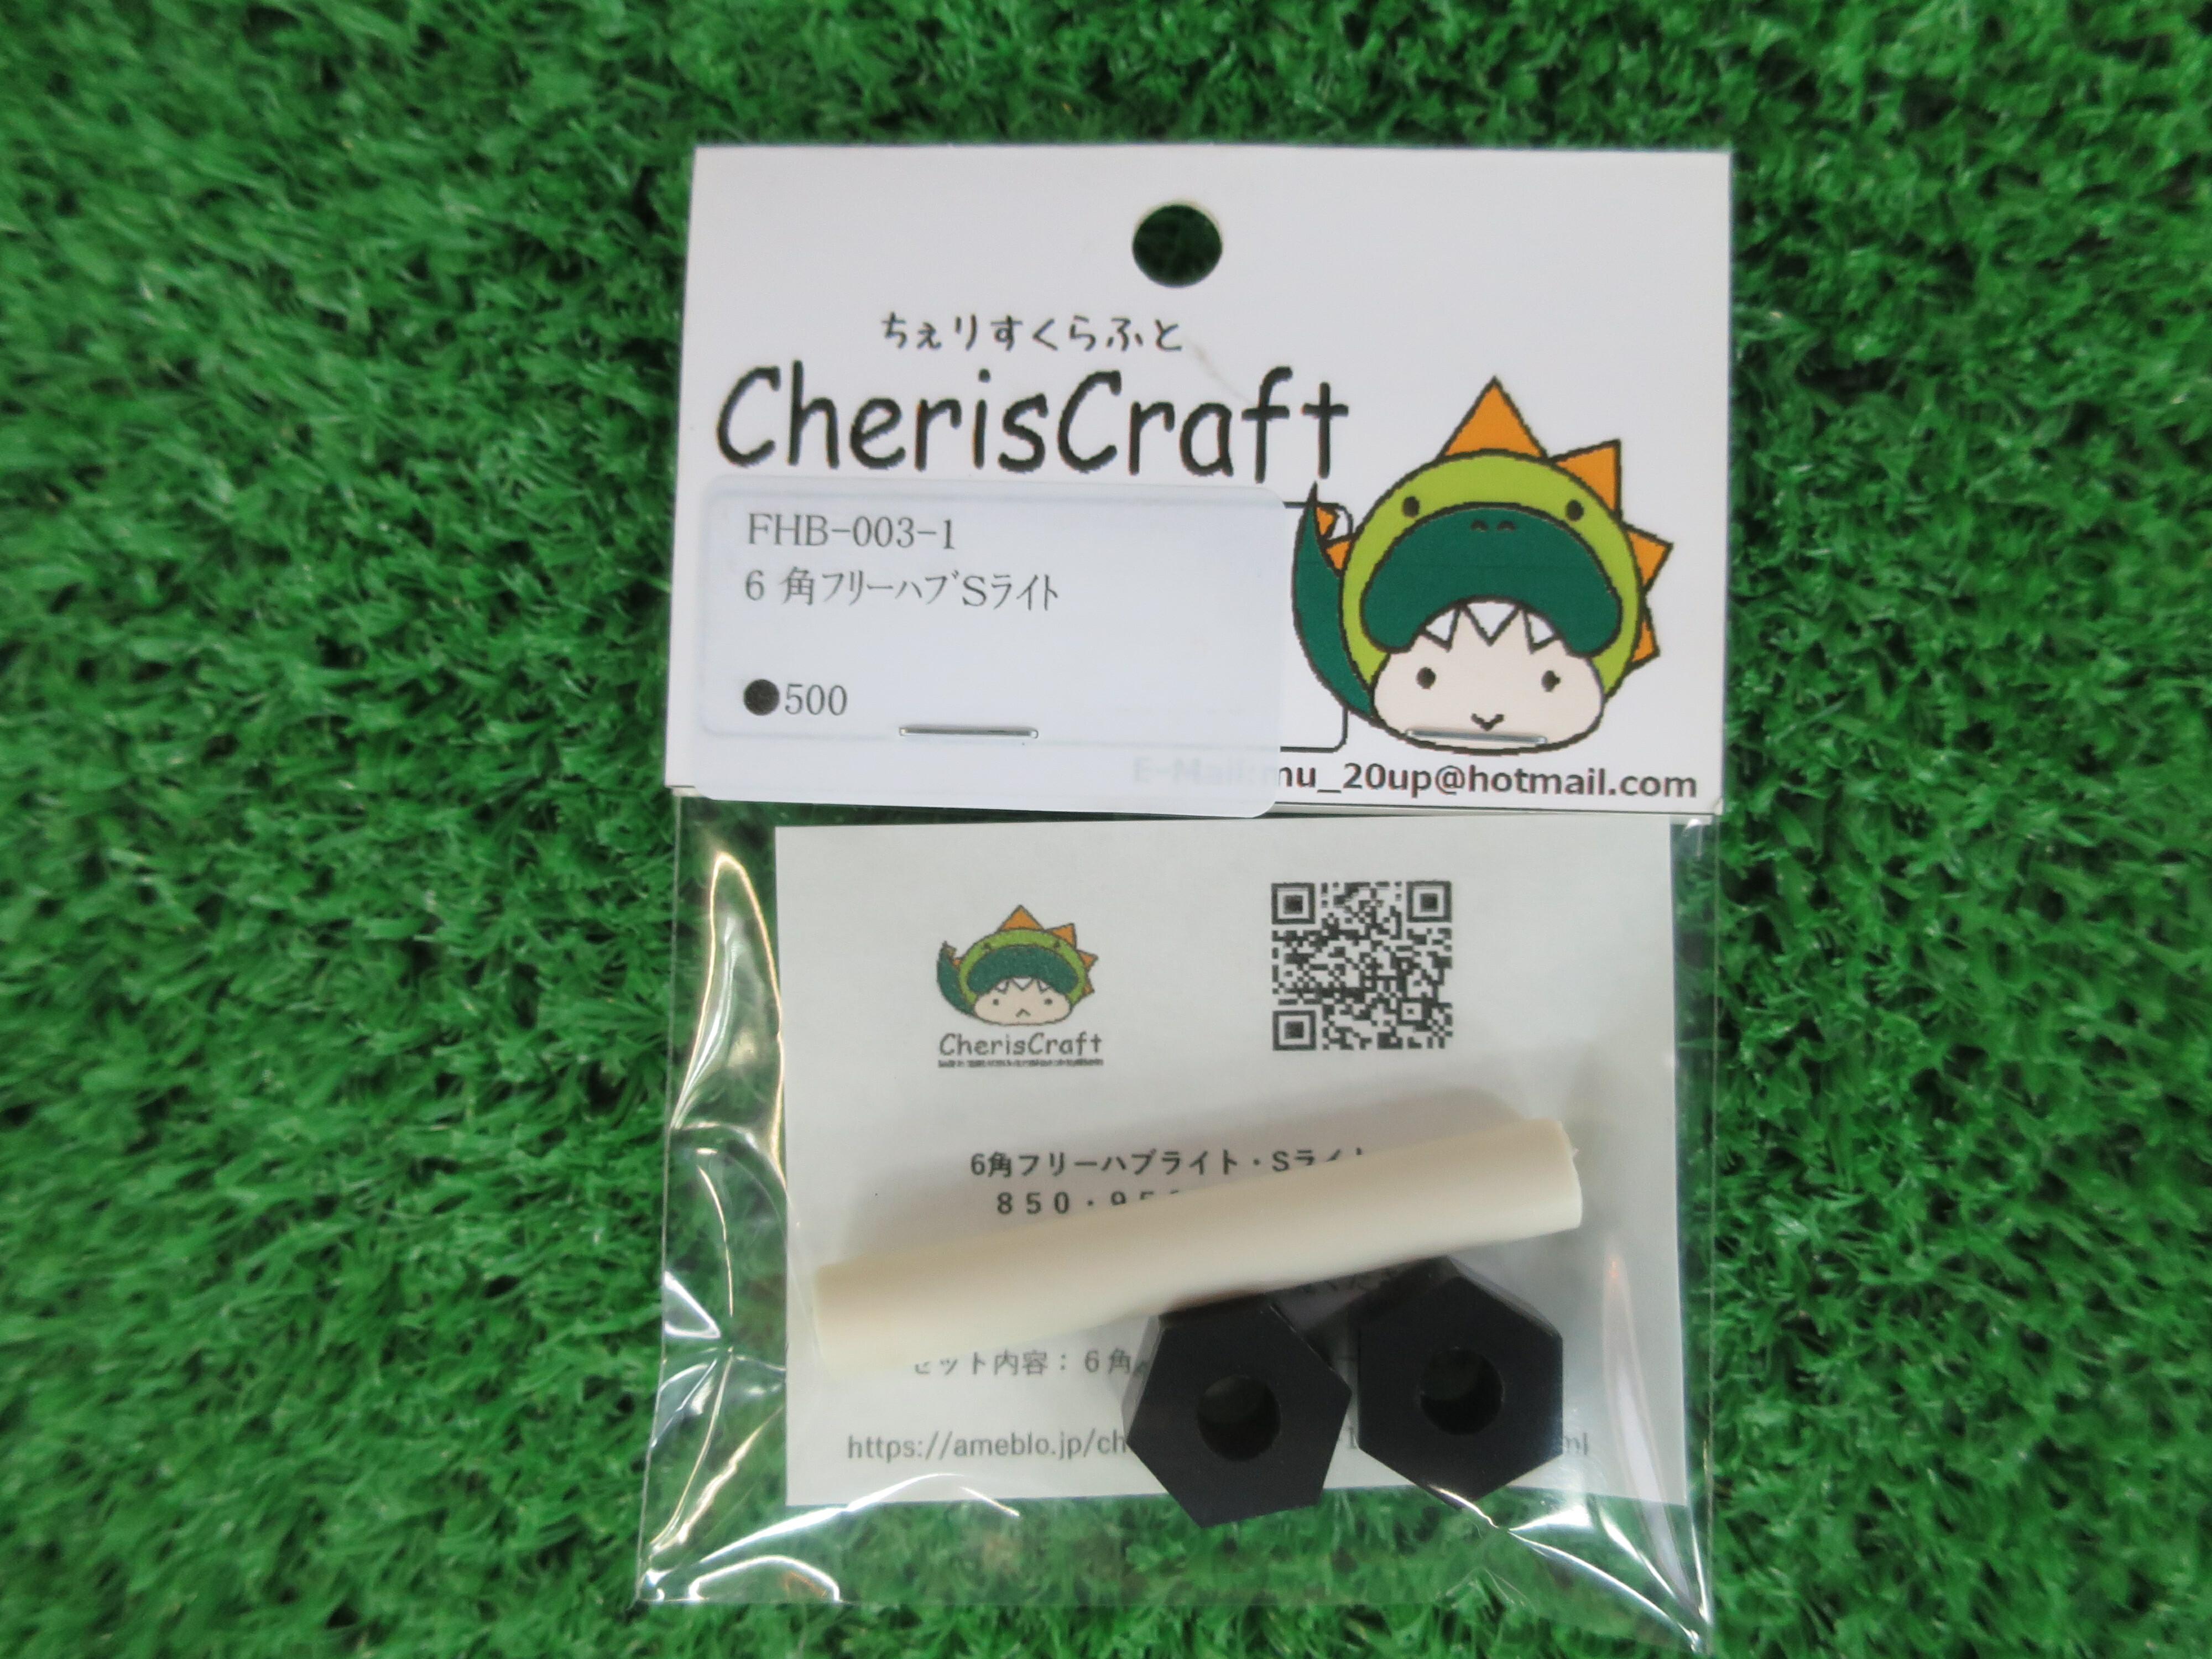 Cheris Craft (ちぇりすくらふと)FHB-003-1  6角フリーハブSライト  ベアリング不要タイプ